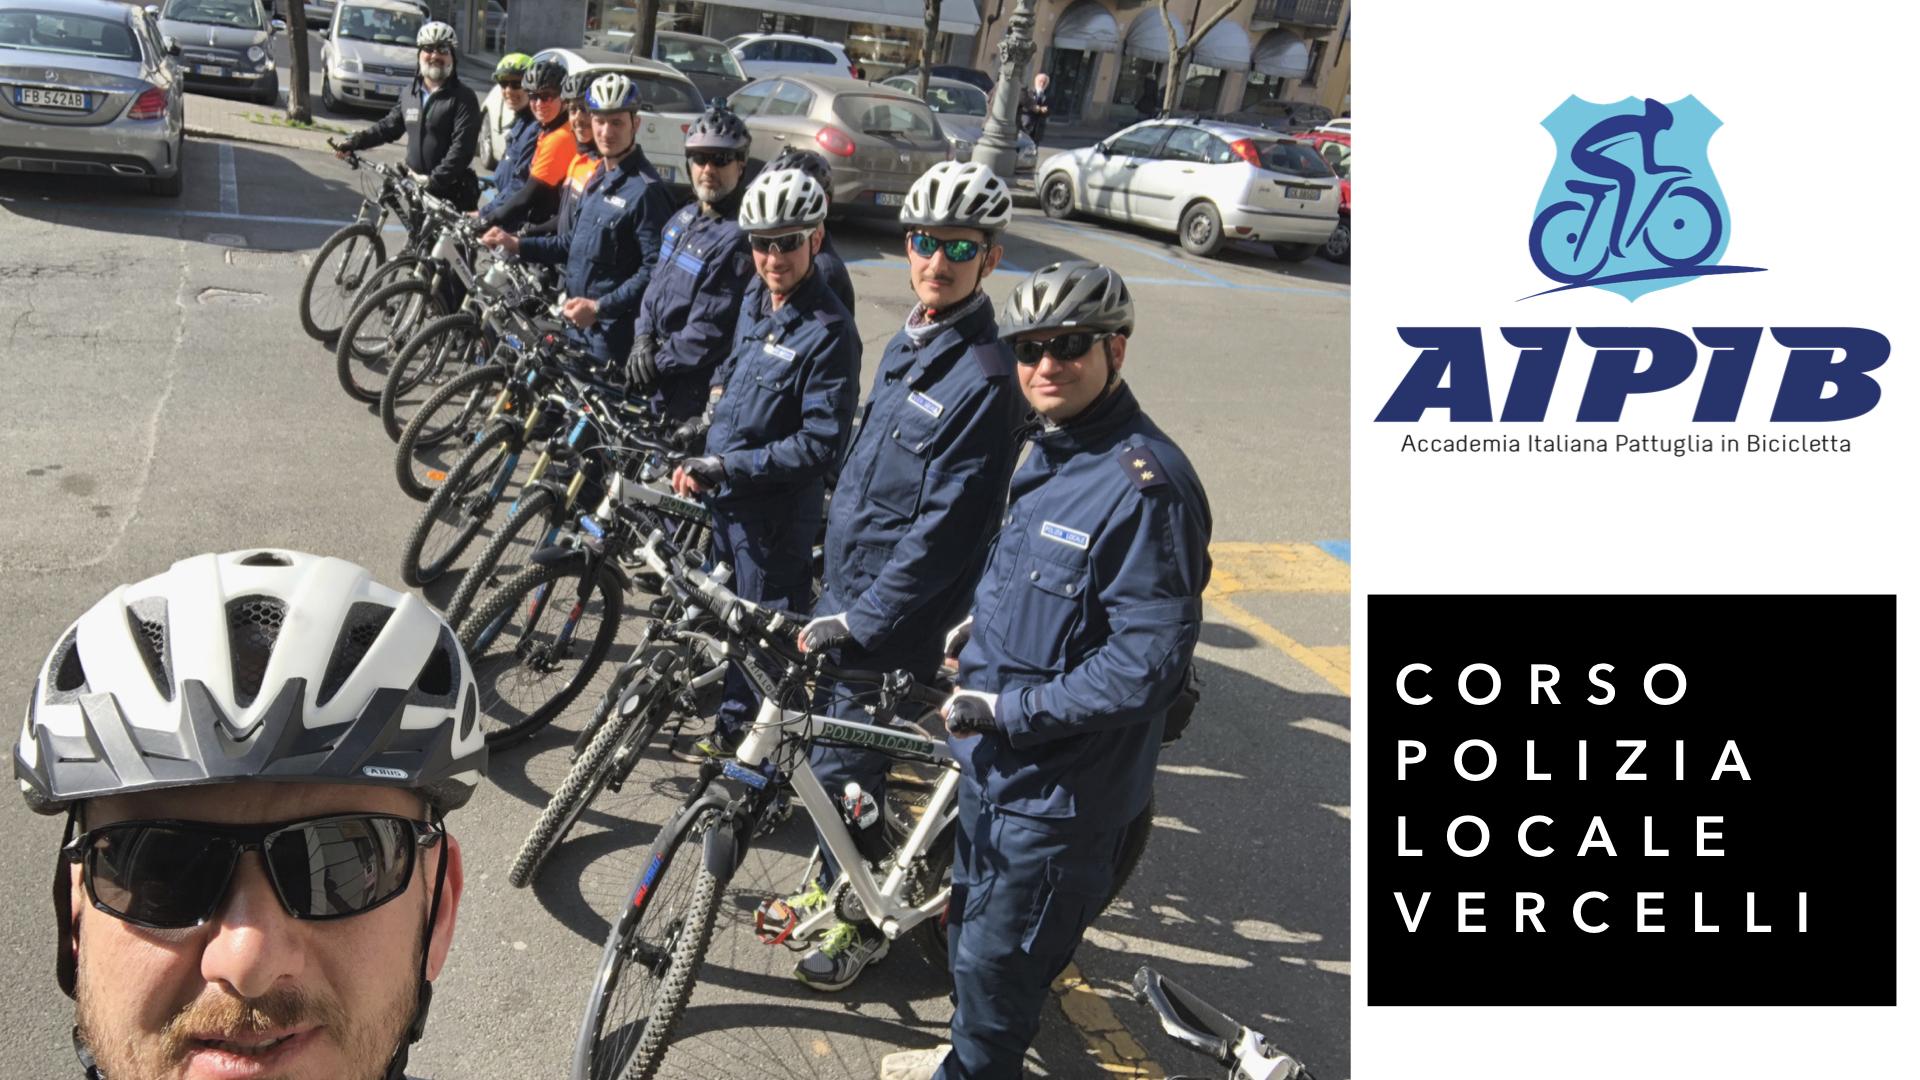 corso bike patrol  polizia locale vercelli